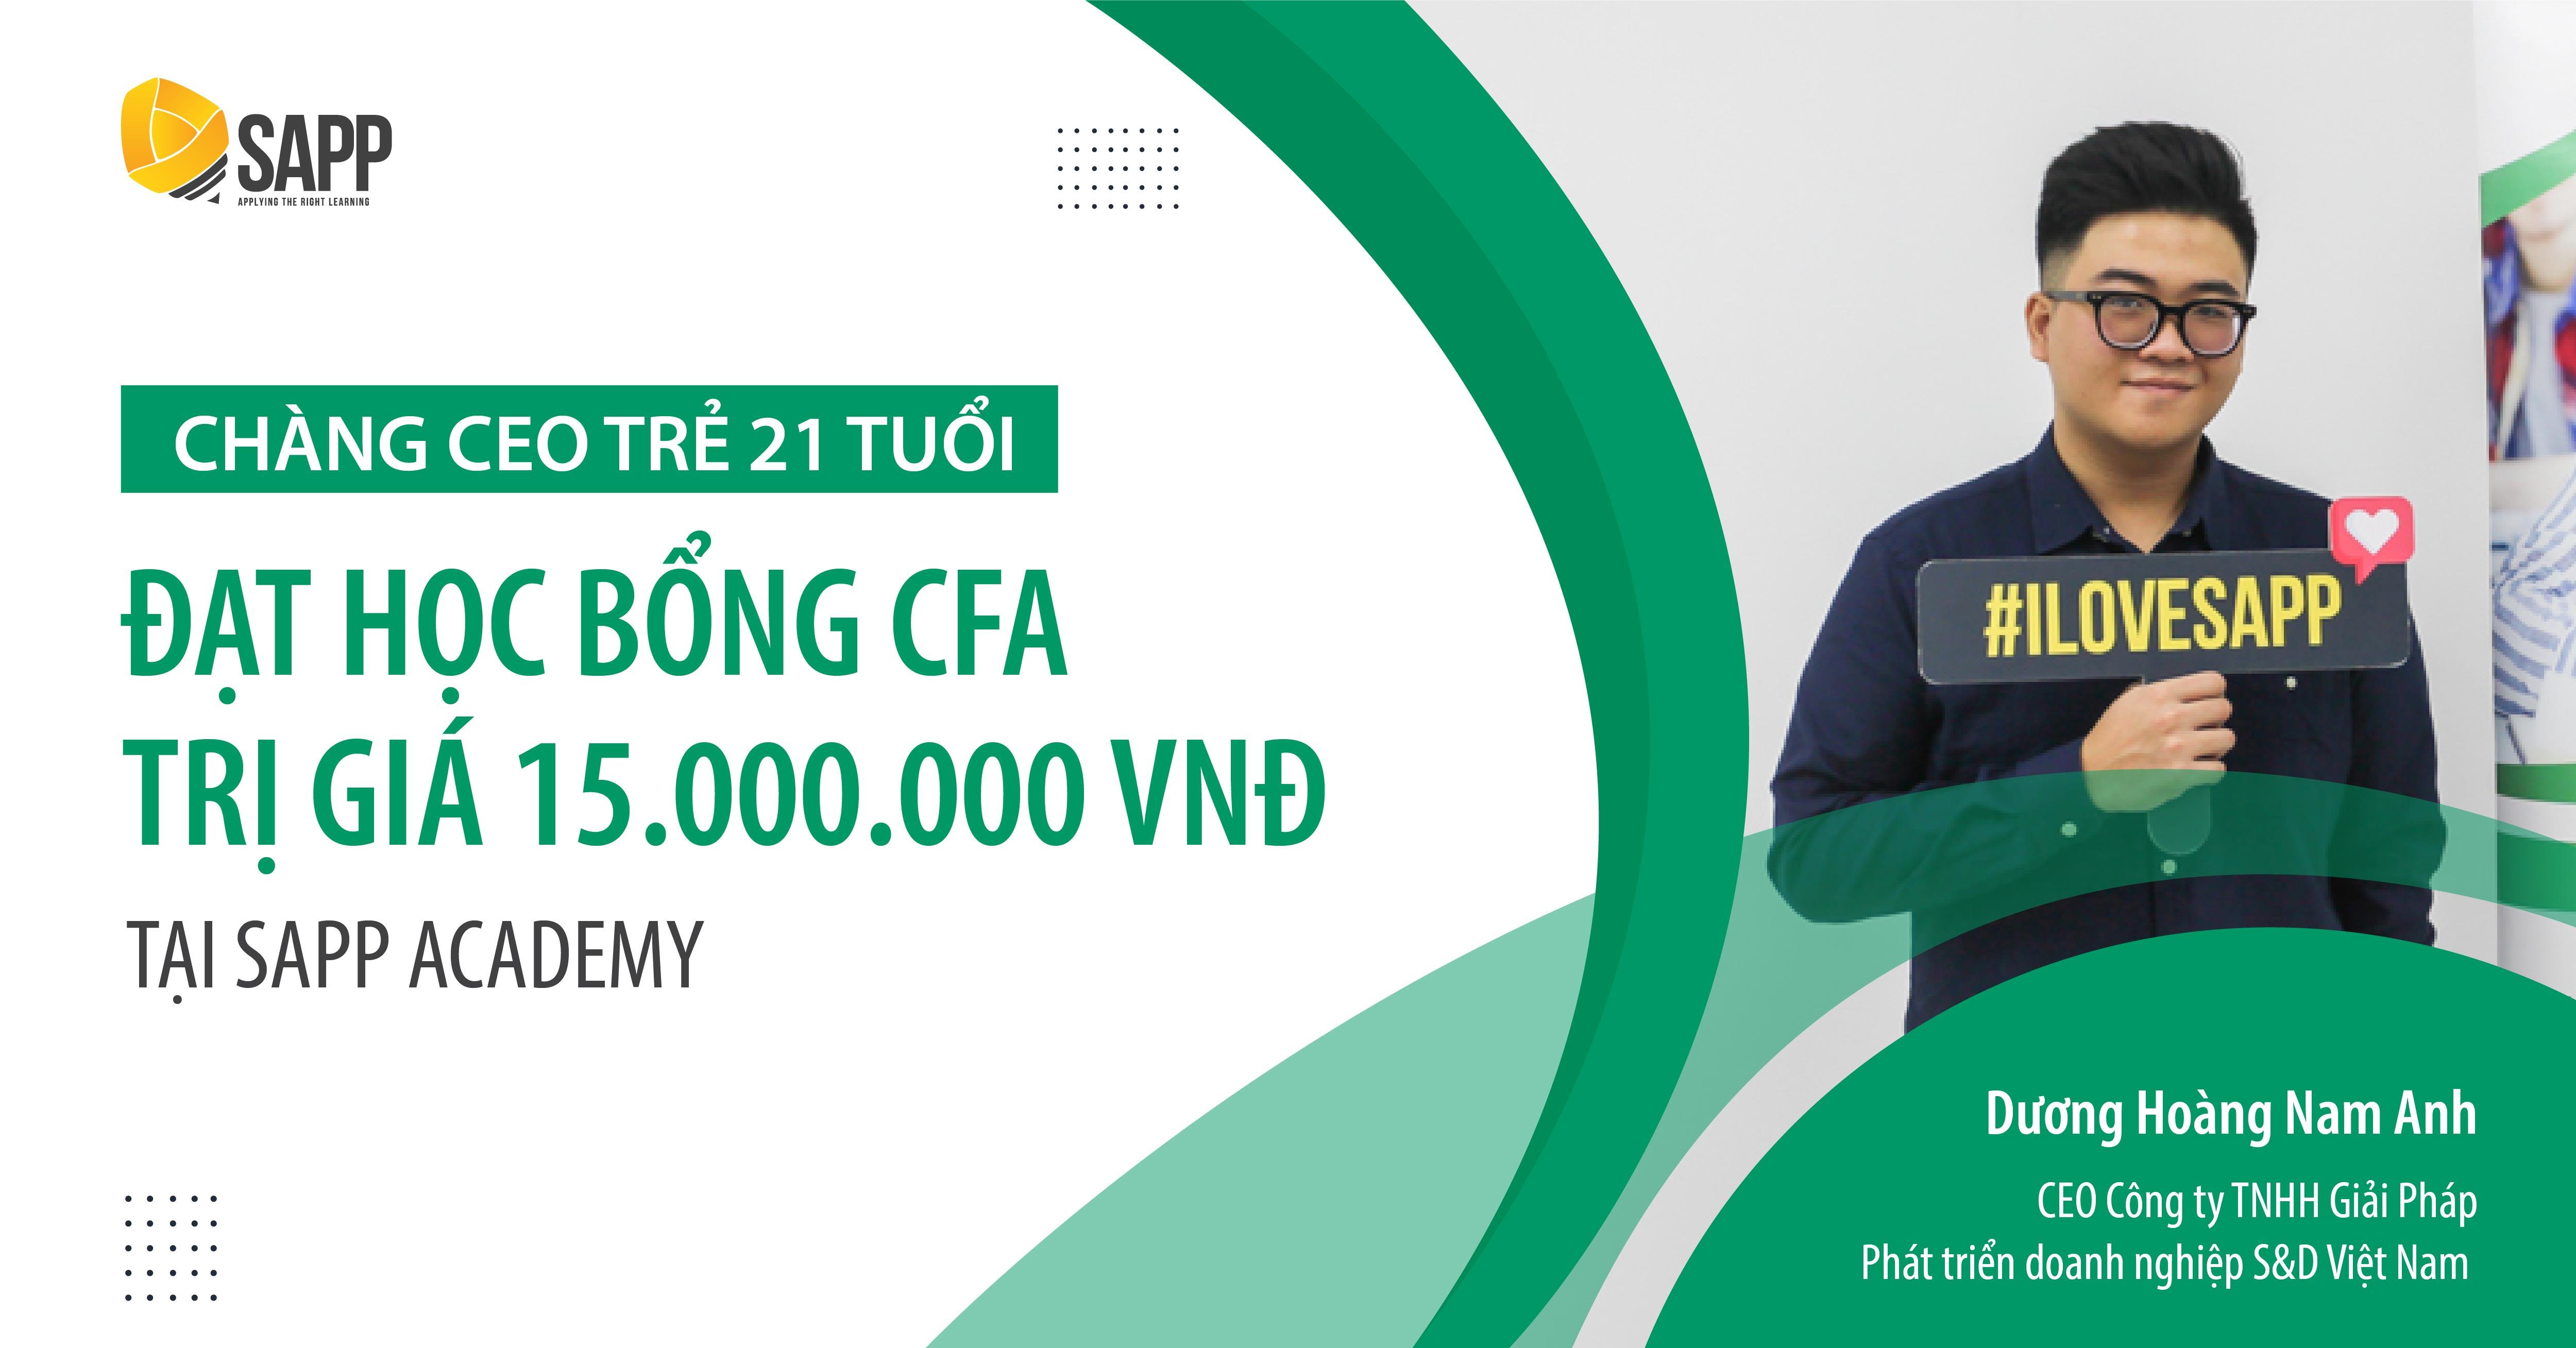 Vững bước mục tiêu, chàng CEO trẻ 21 tuổi đạt học bổng CFA trị giá 15.000.000 VNĐ